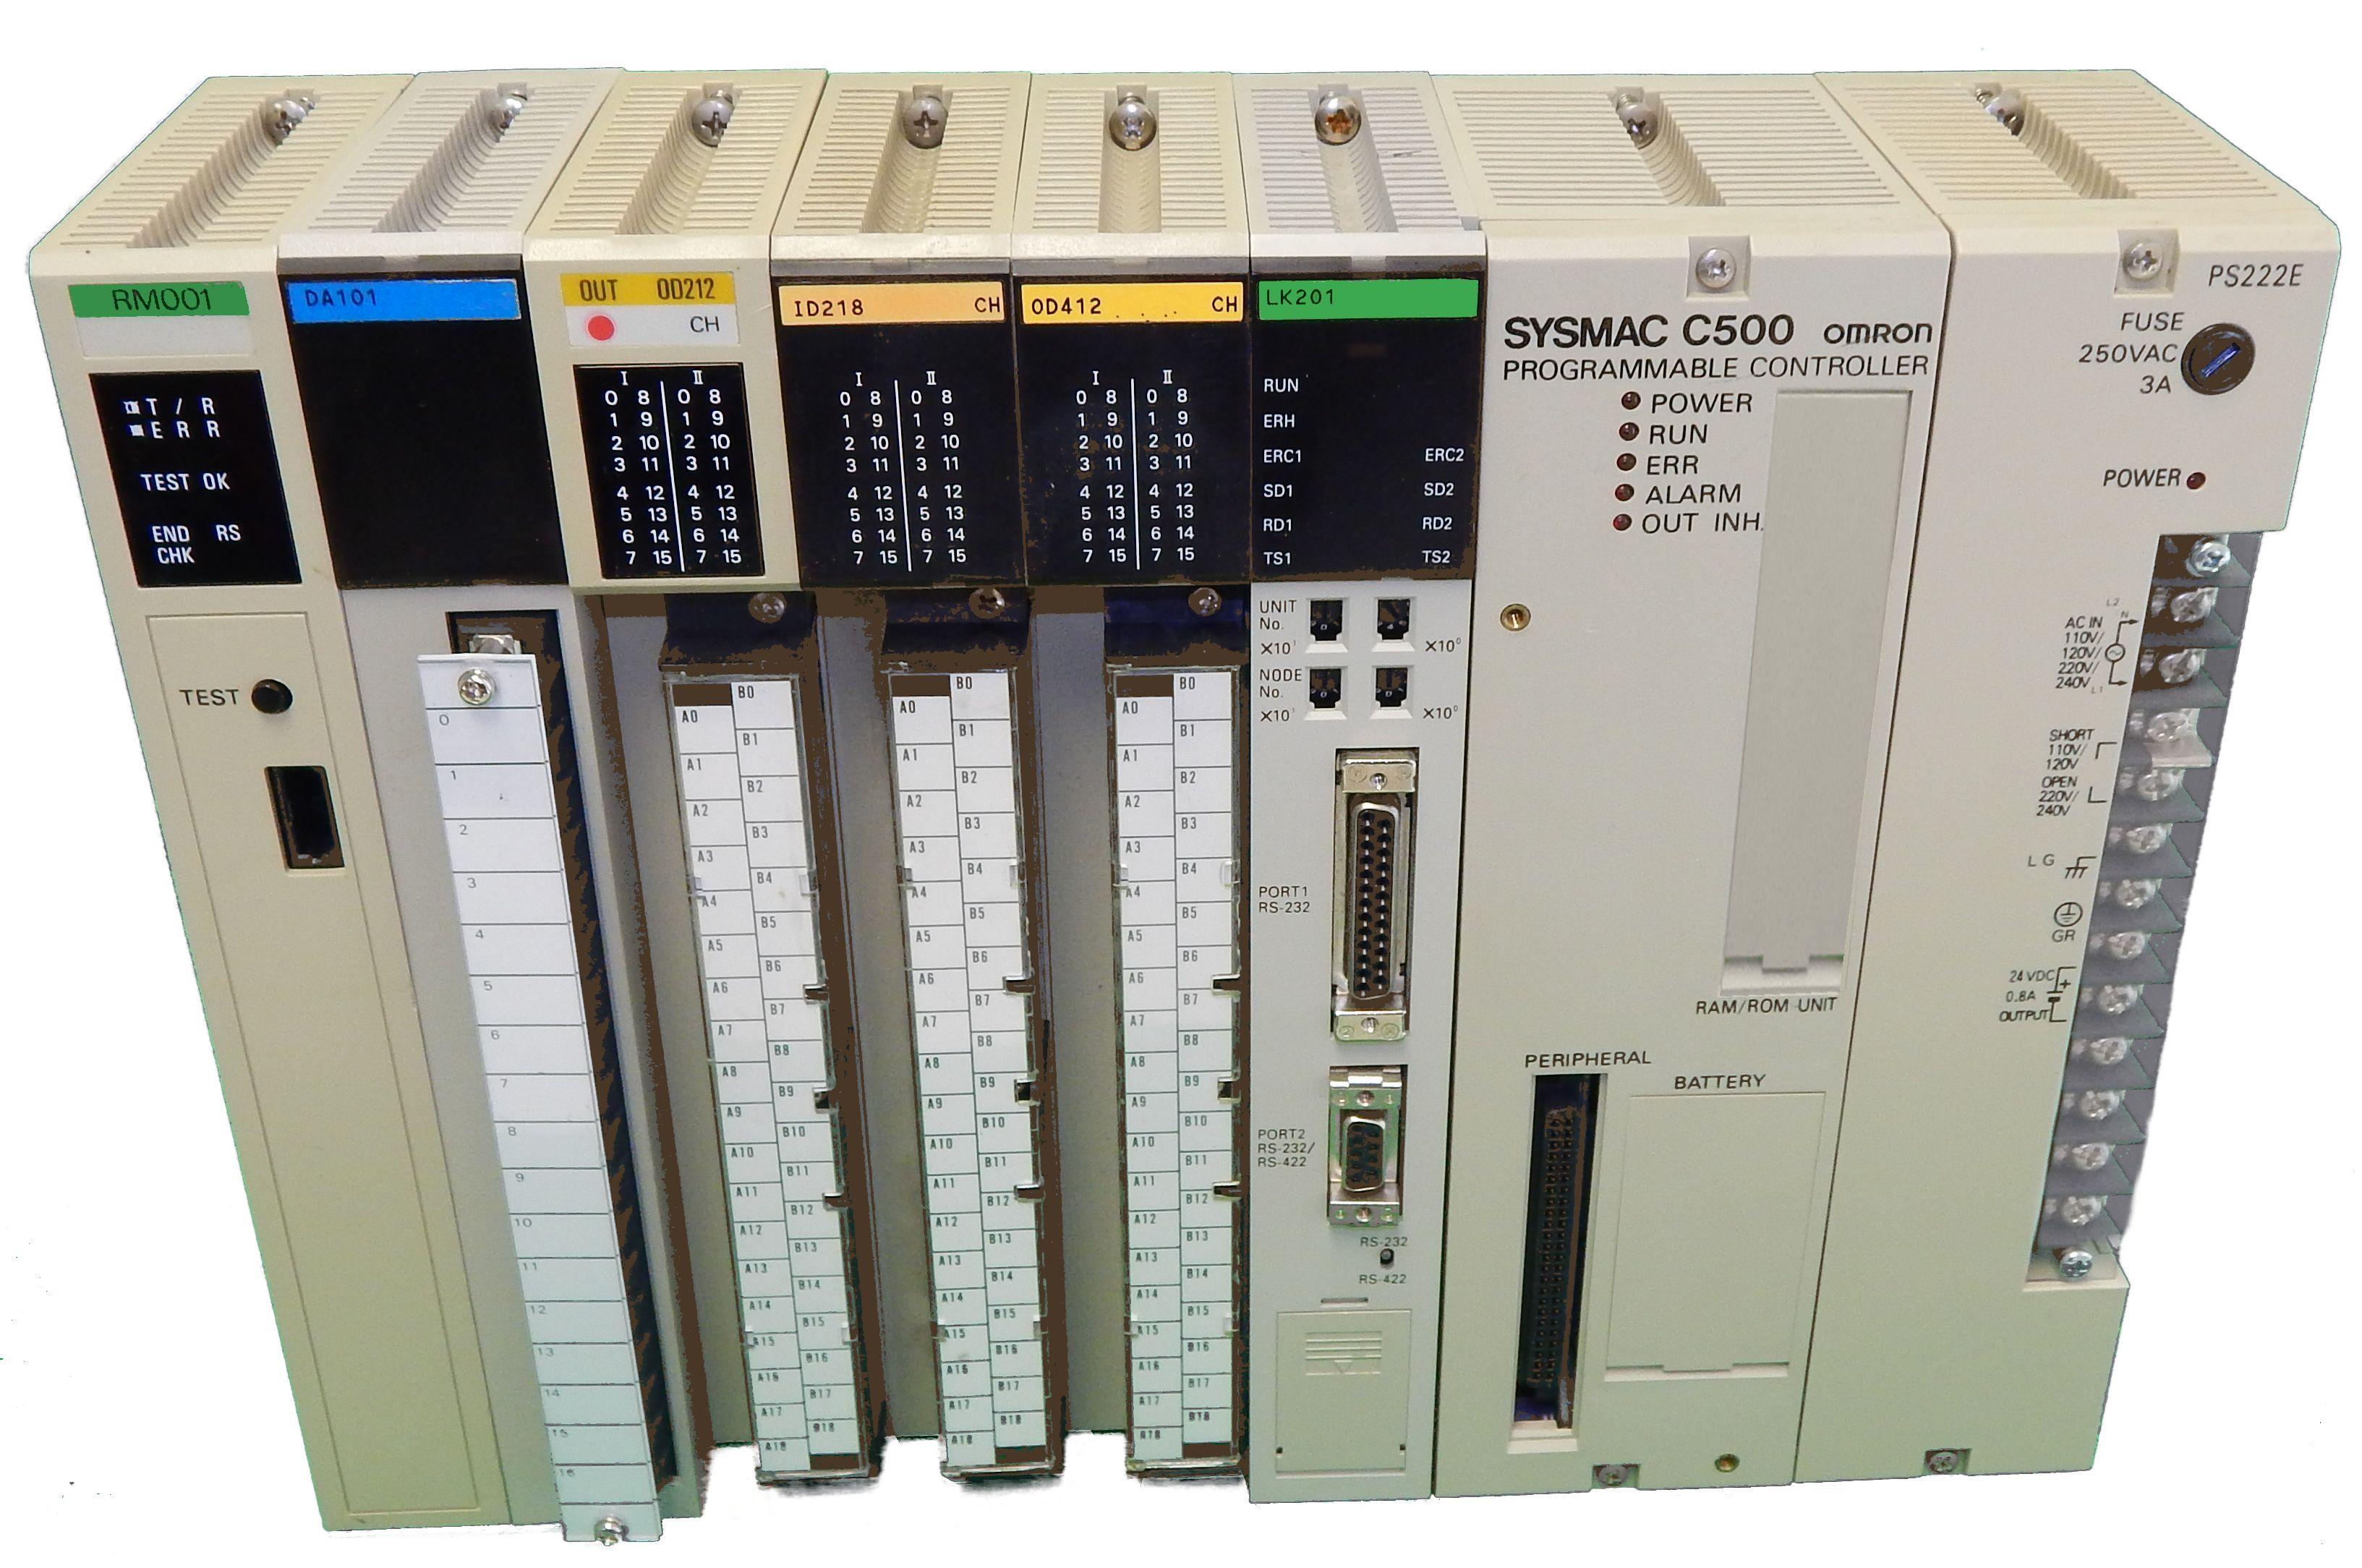 3G2A5-AD002